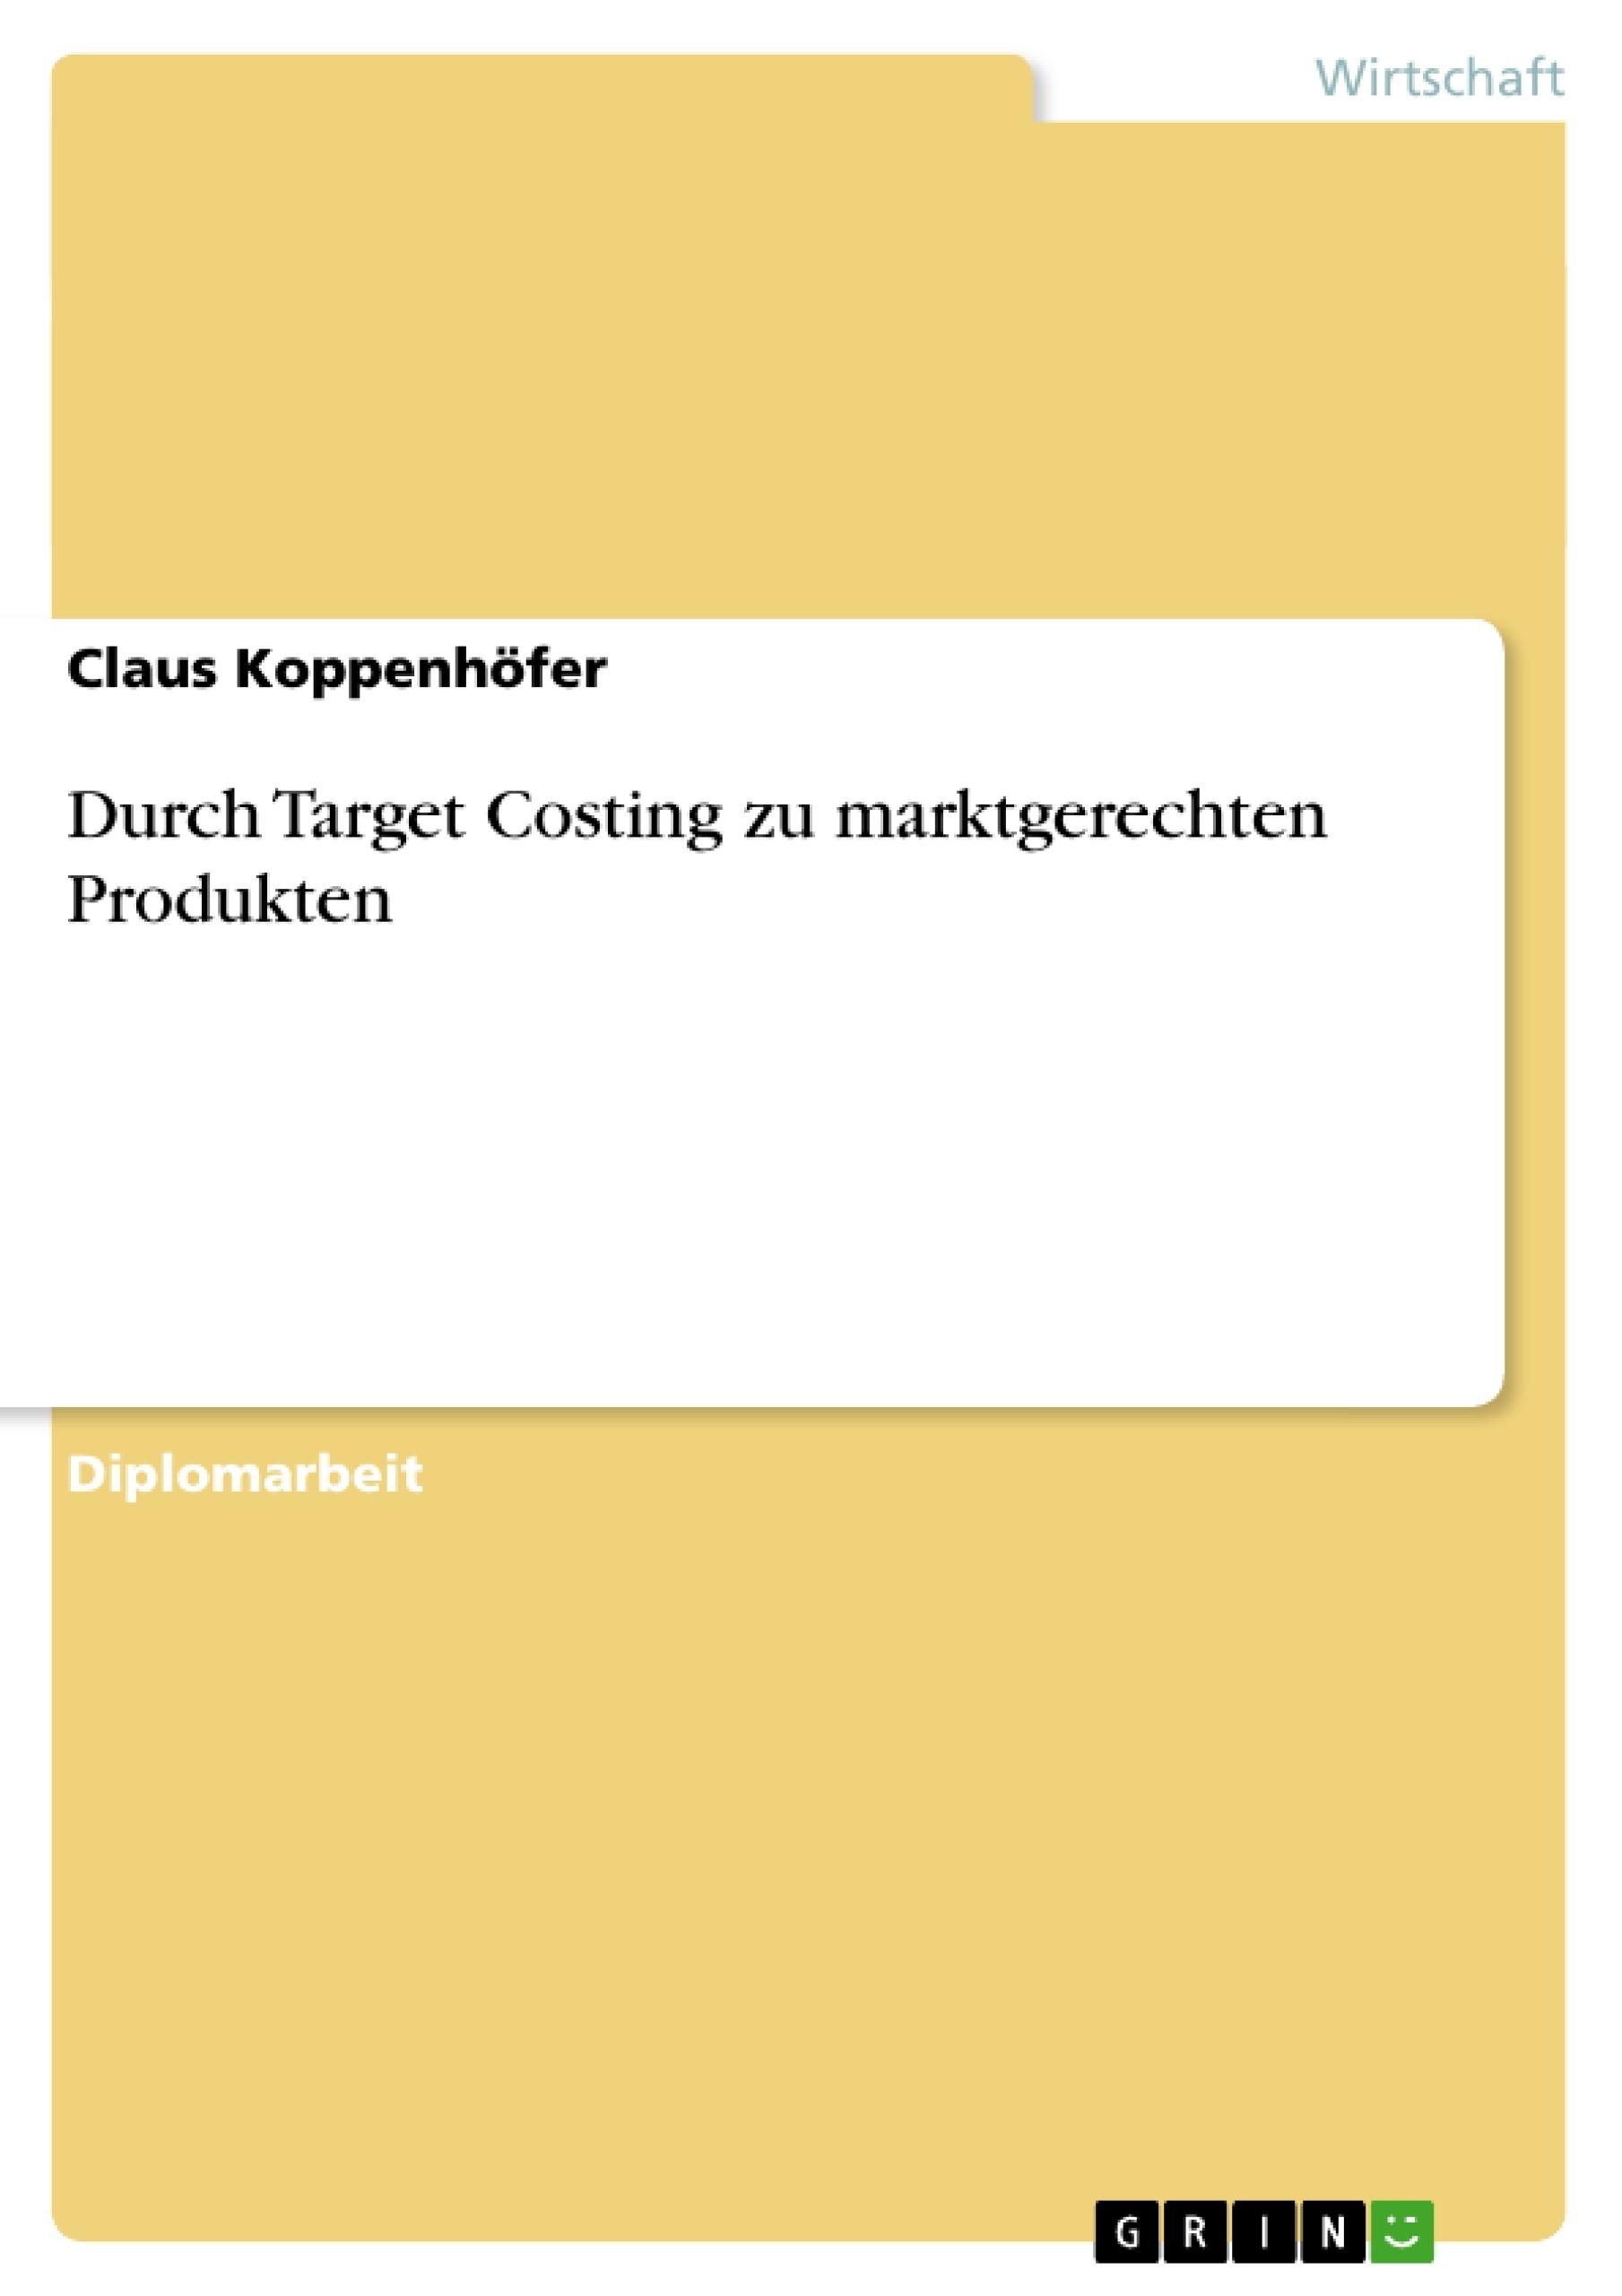 Titel: Durch Target Costing zu marktgerechten Produkten